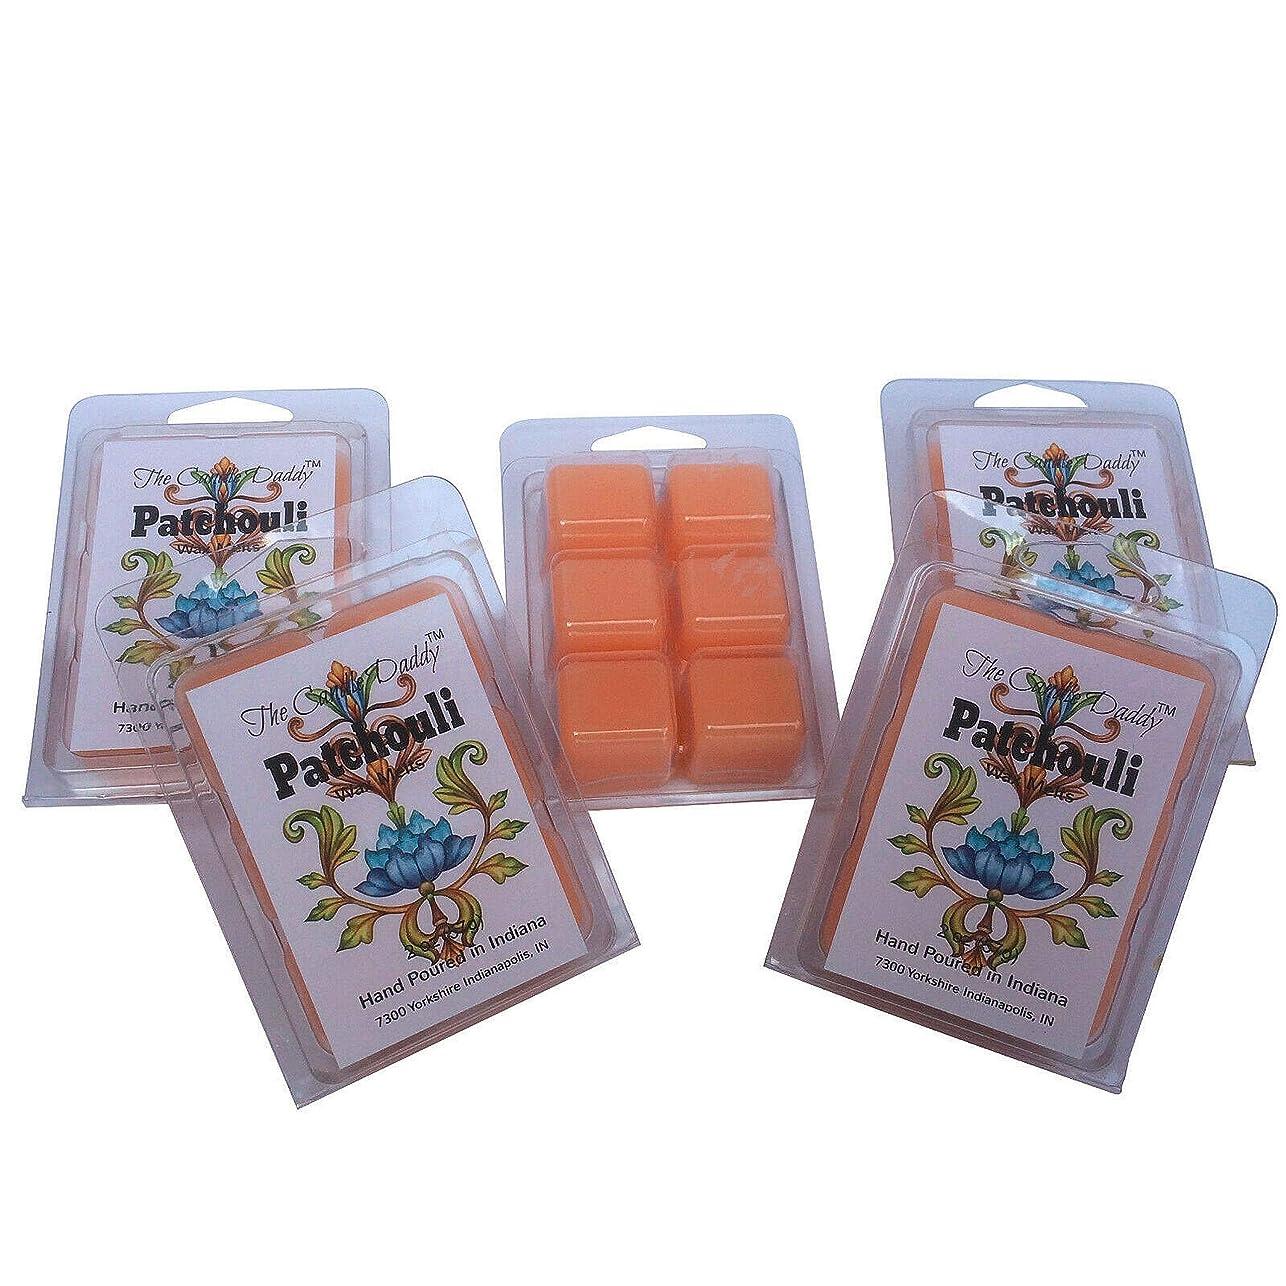 スプレーアコーコンパクトThe Candle Daddy Patchouli - 最大香りのワックスキューブ/タルト/メルト- 5パック-10オンス 合計30個